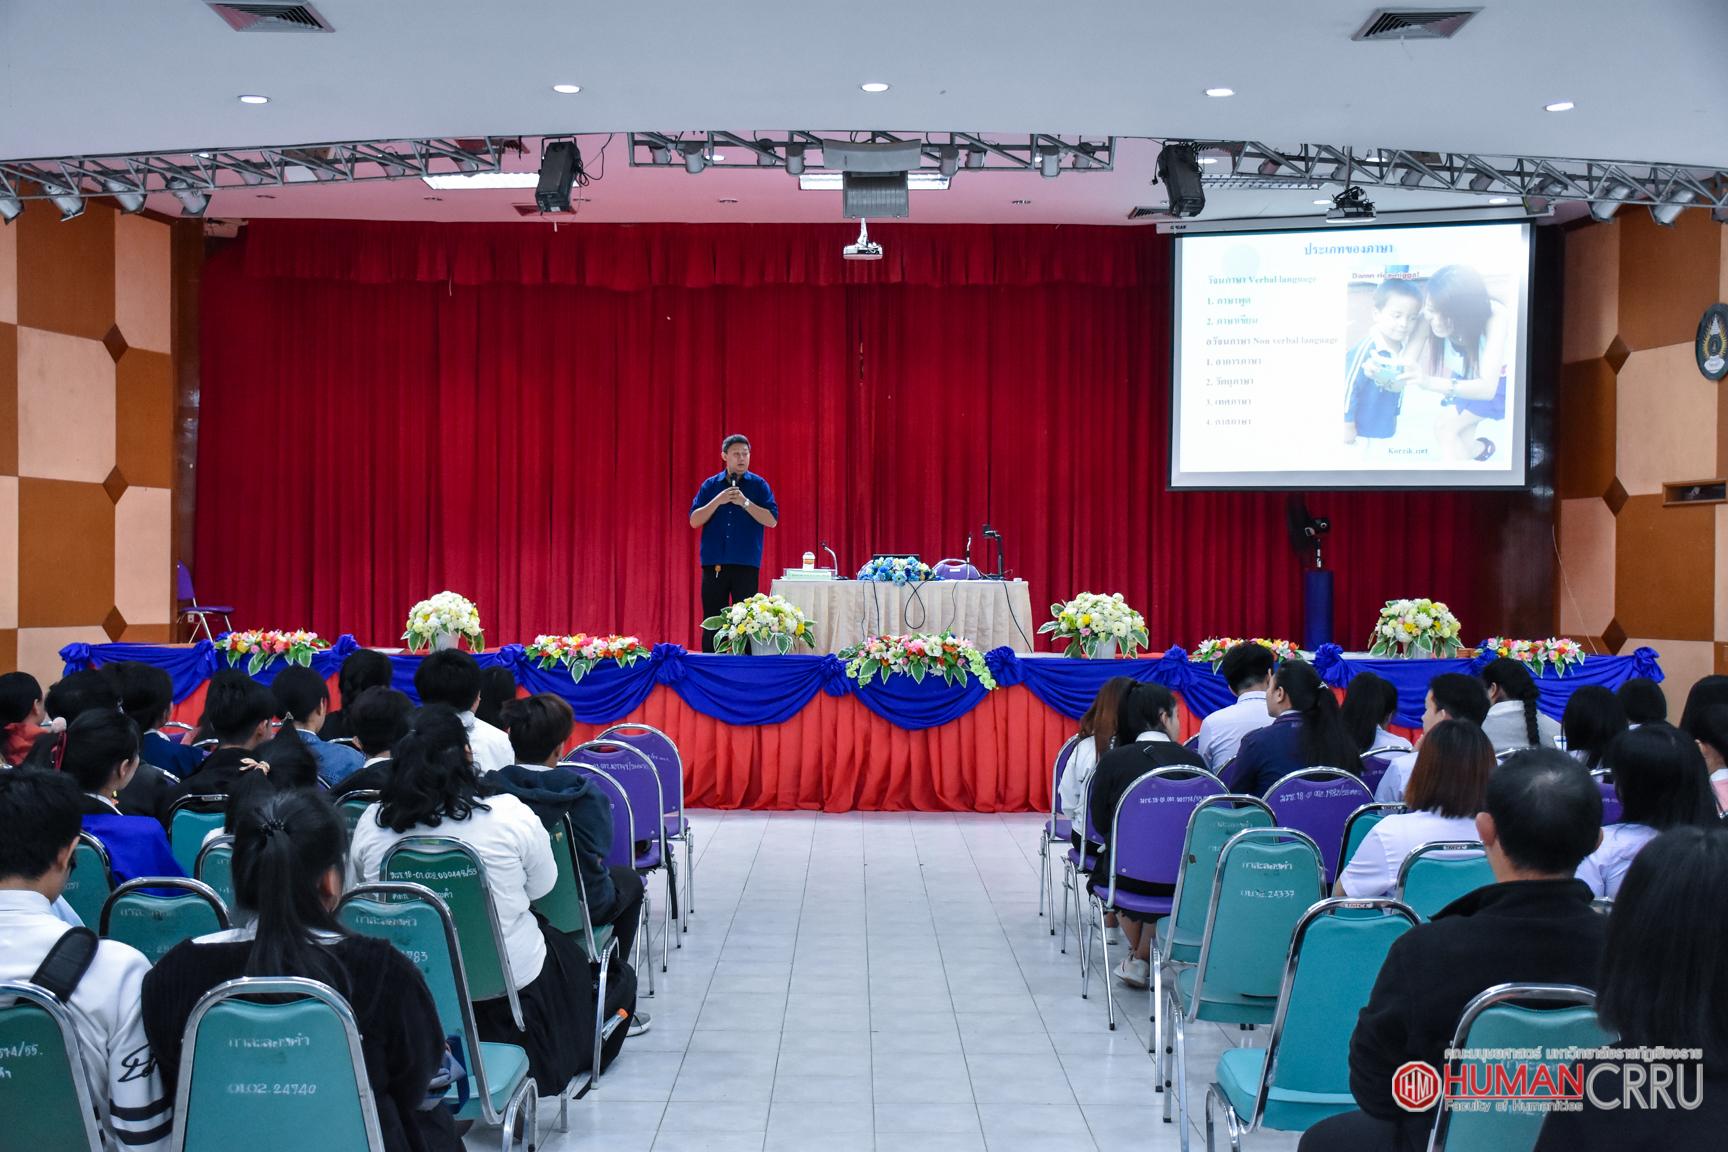 กิจกรรมอบรมและทดสอบสมรรถนะภาษาไทยเพื่อการสื่อสารและทักษะทางสังคมให้กับนักศึกษาคณะมนุษยศาสตร์